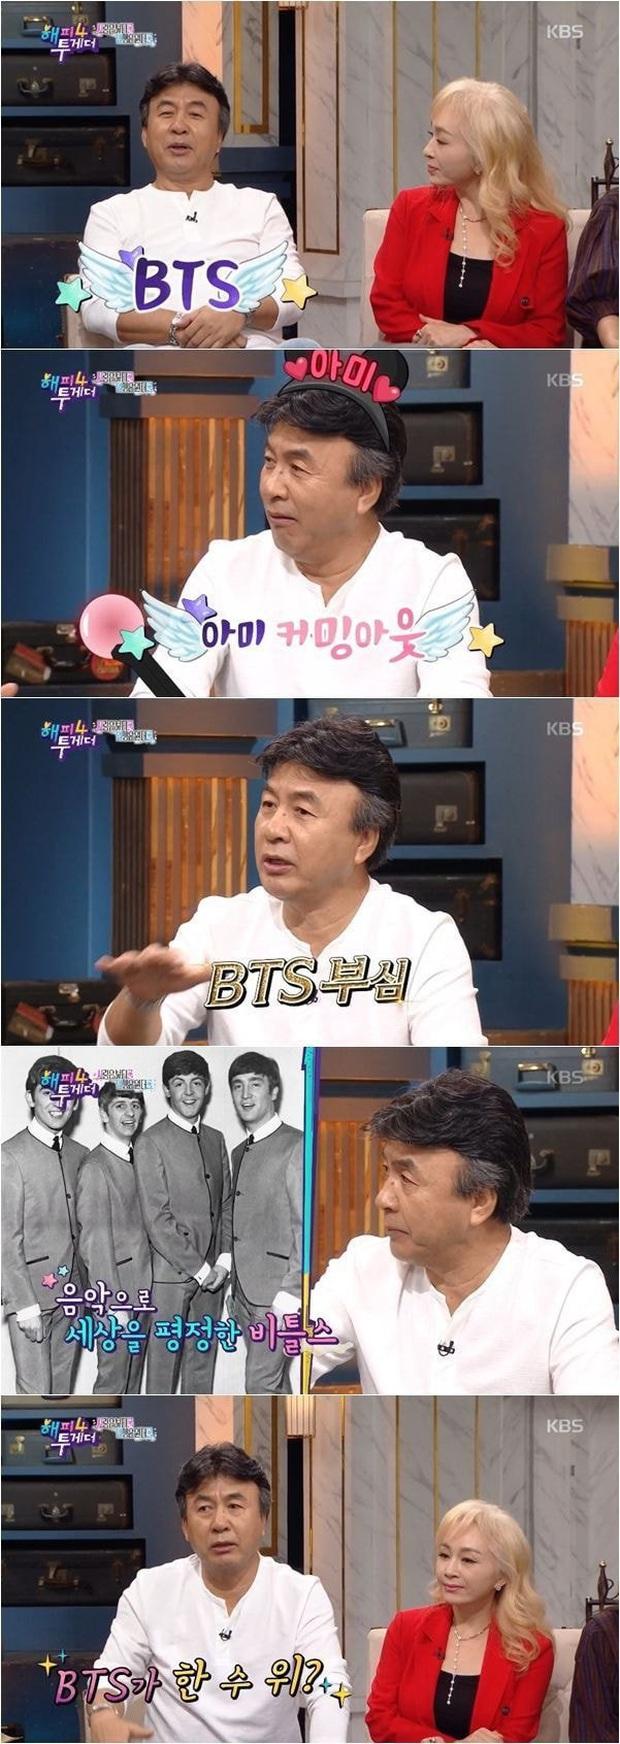 Knet tập hợp list sao Hàn là fan BTS dài đến ngỡ ngàng: Lee Young Ae, Park Min Young và cả dàn nữ thần, tài tử đến VĐV đều u mê - Ảnh 23.